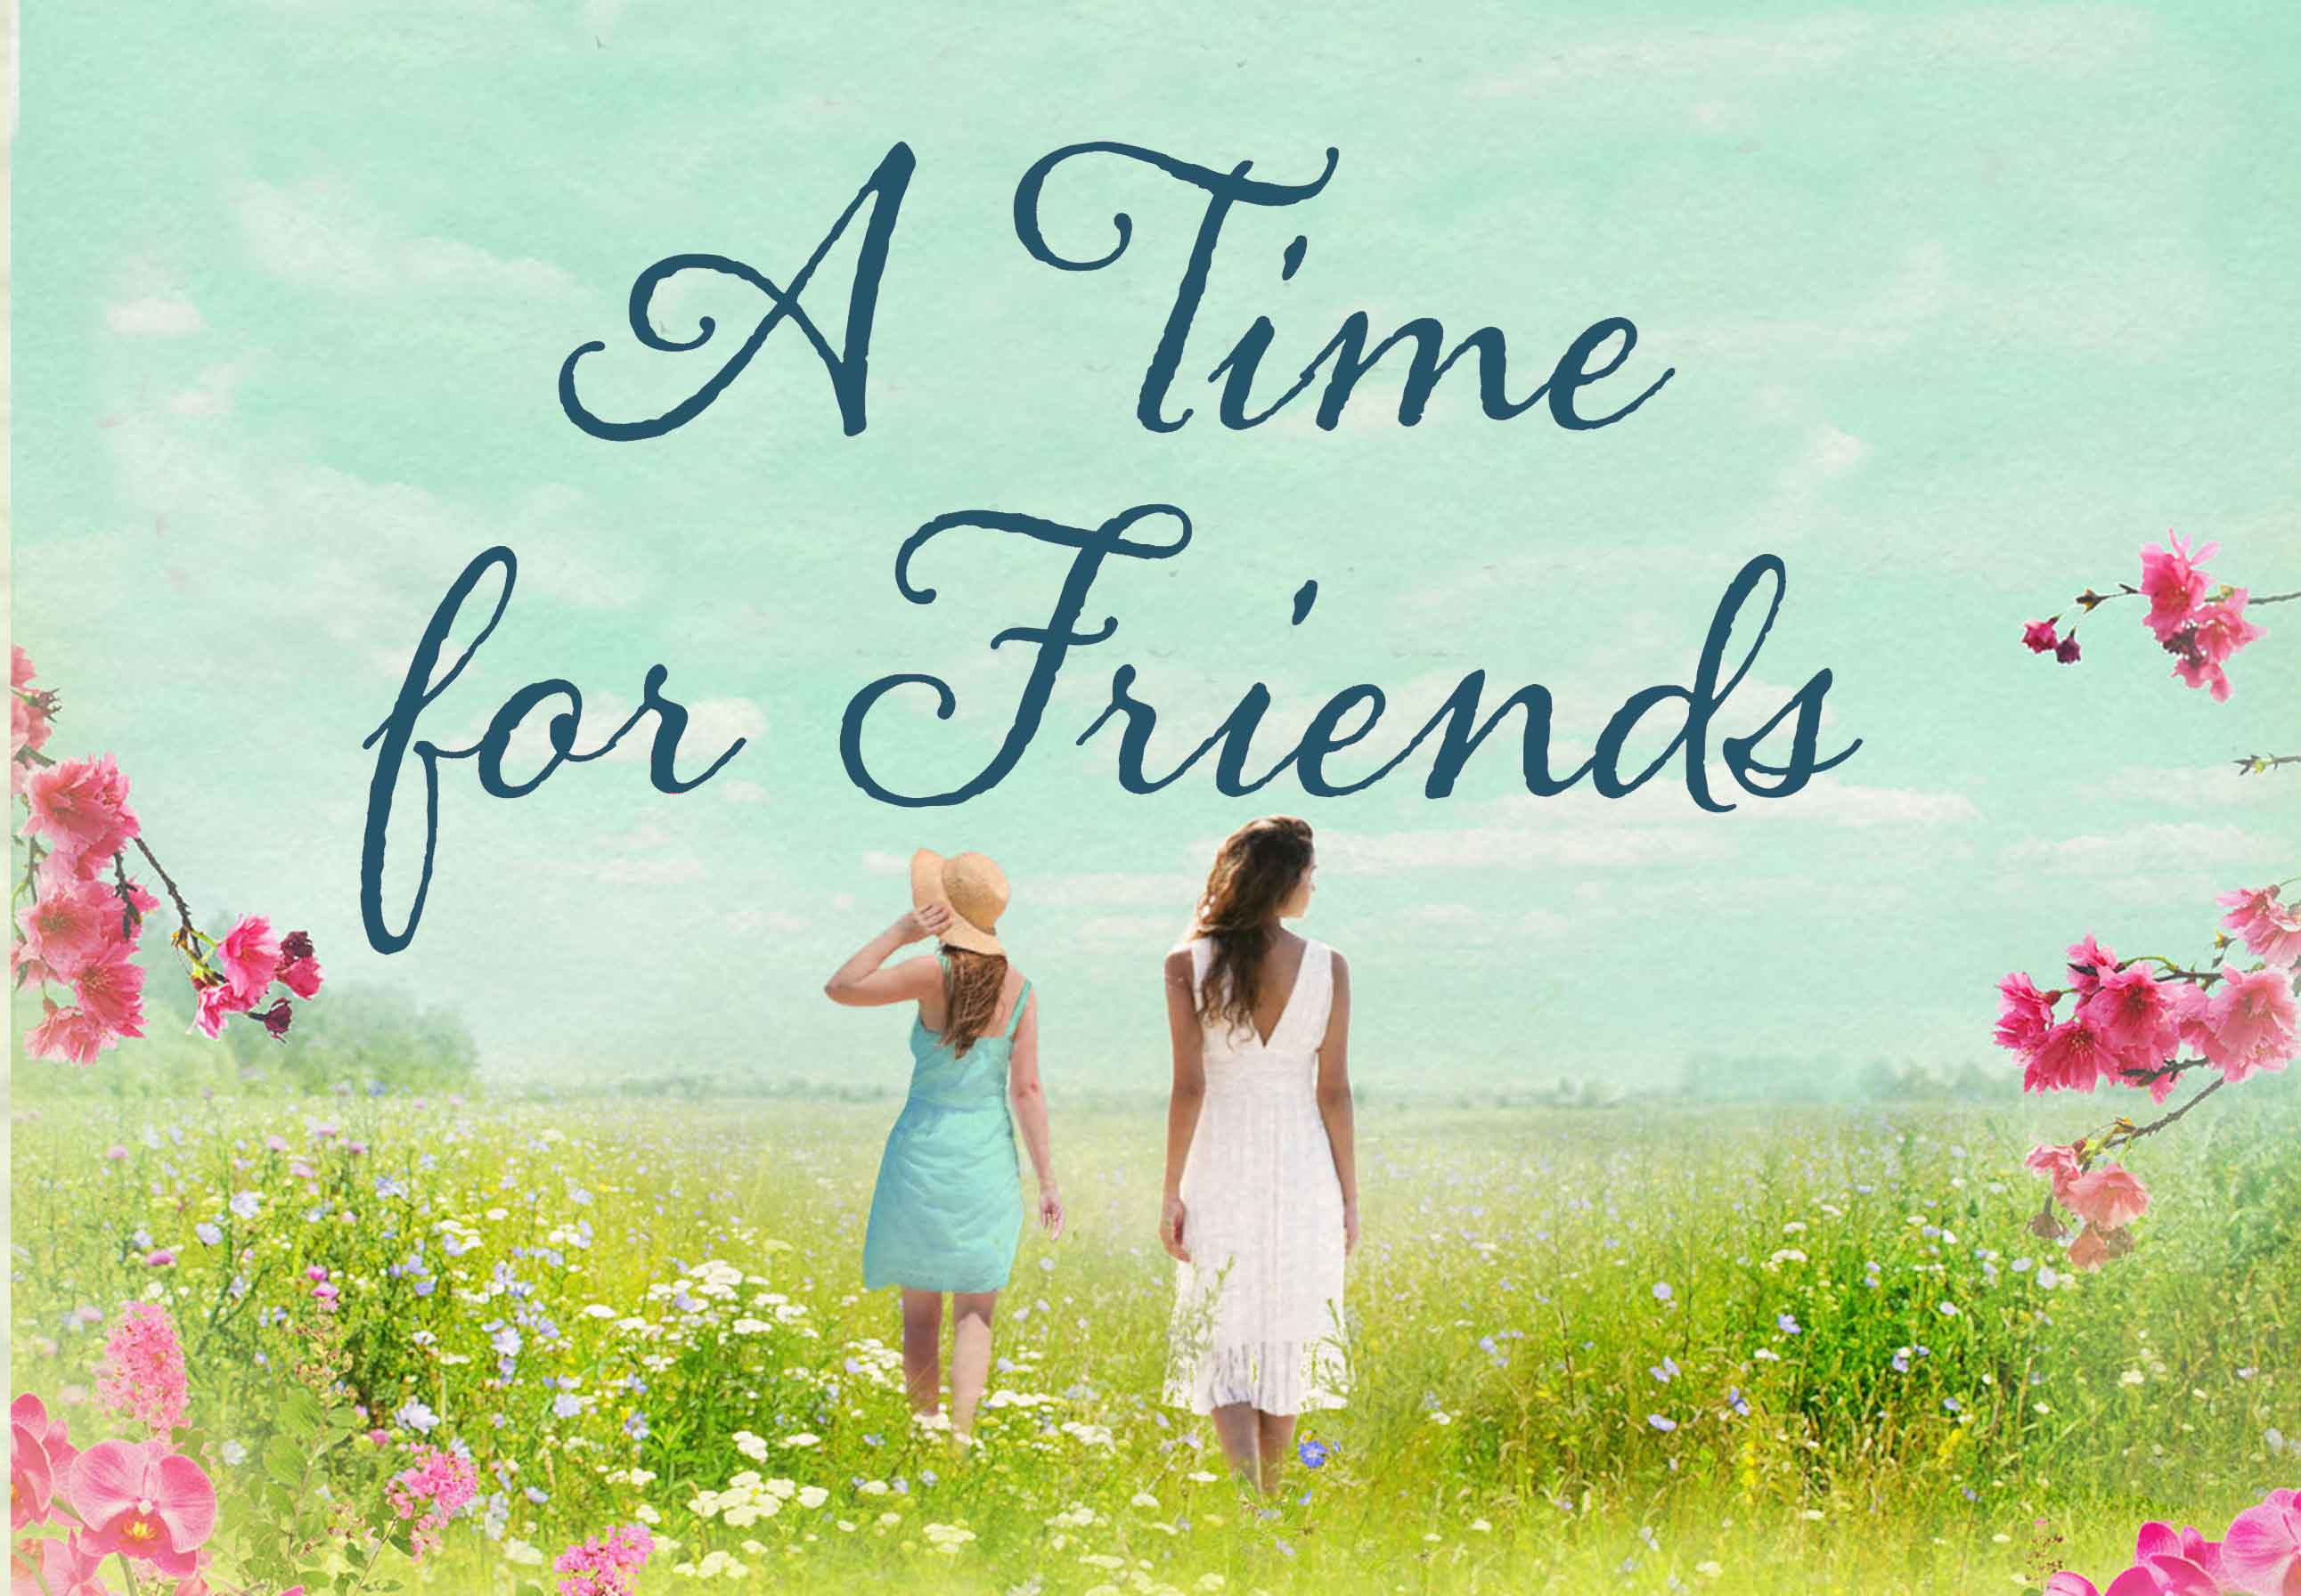 صوره حكم عن الصداقة الحقيقية , كلمات جميلة عن الصديق الحقيقي